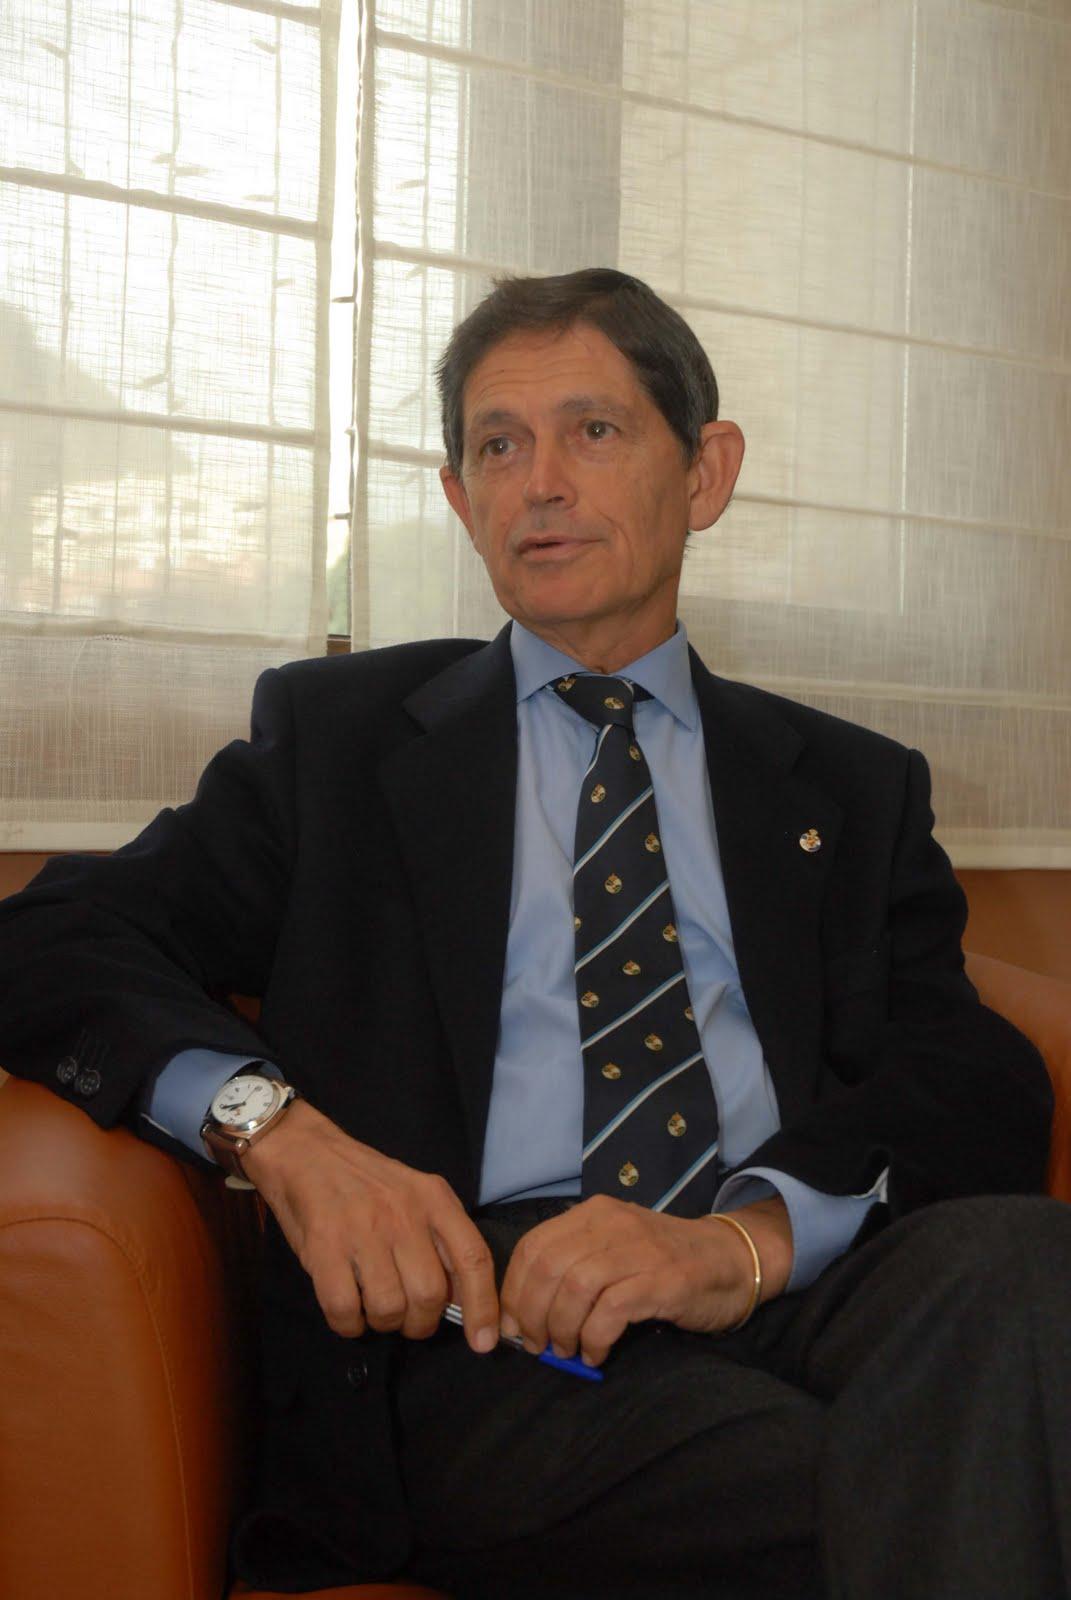 FOTO 3.- JOSÉ EUGENIO DE ZÁRATE